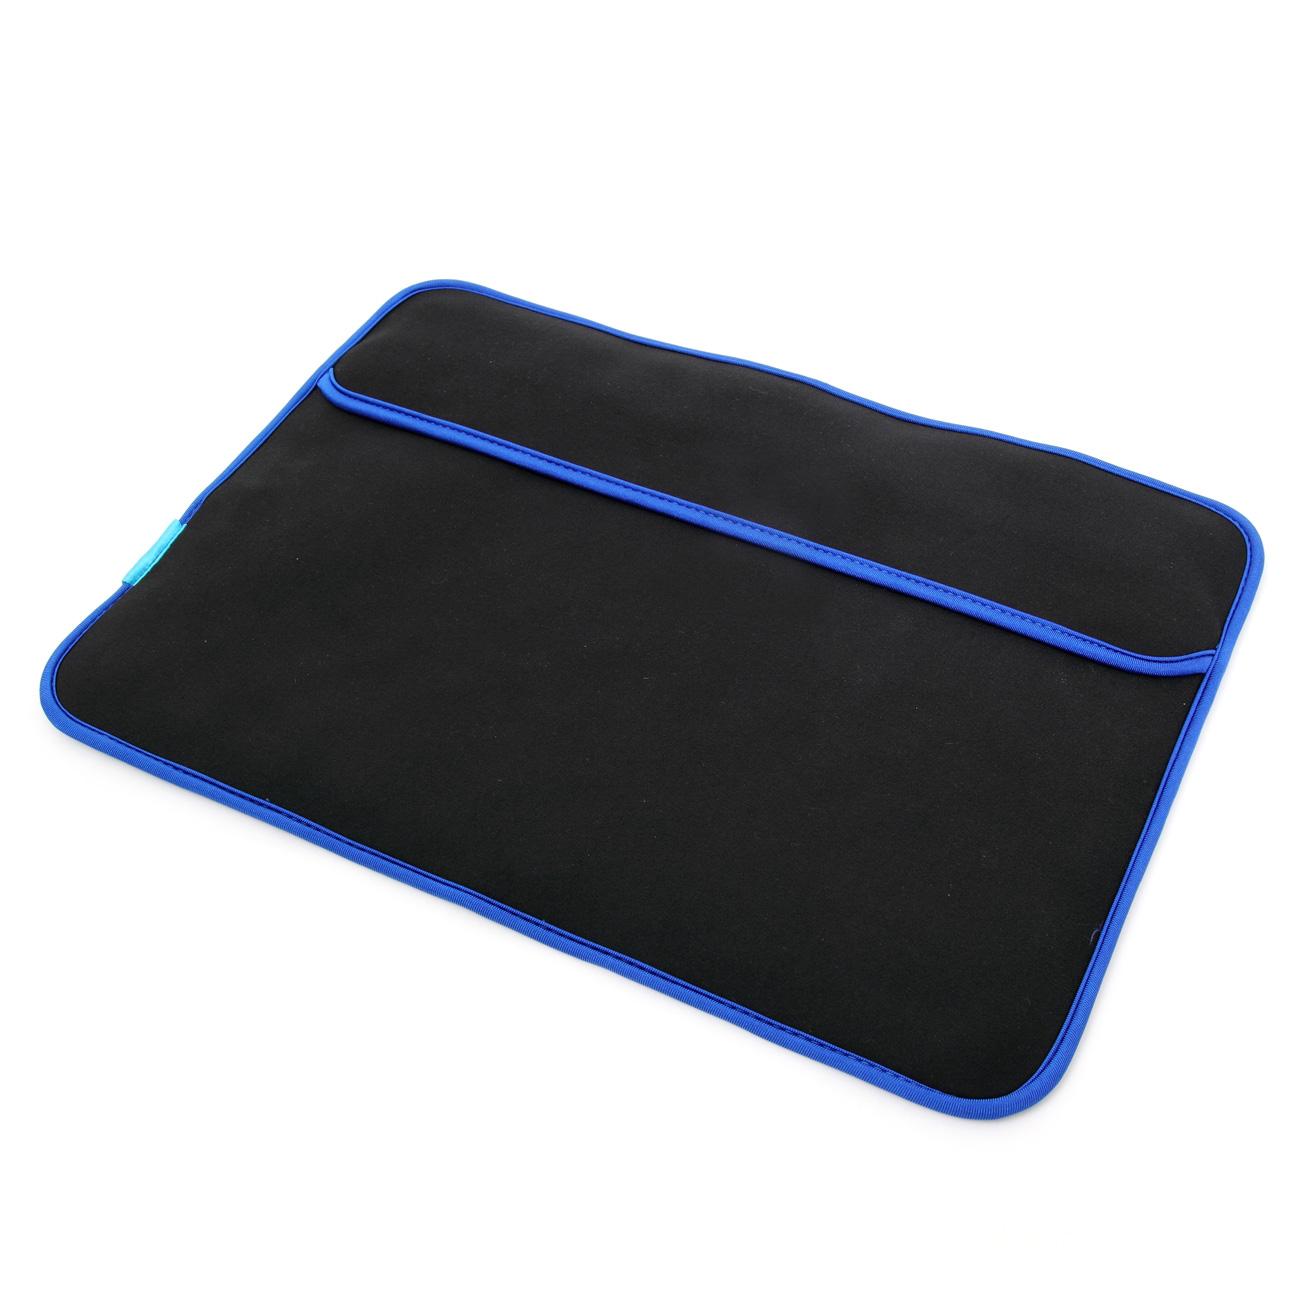 ldlc lap saver sac sacoche housse ldlc sur ldlc. Black Bedroom Furniture Sets. Home Design Ideas